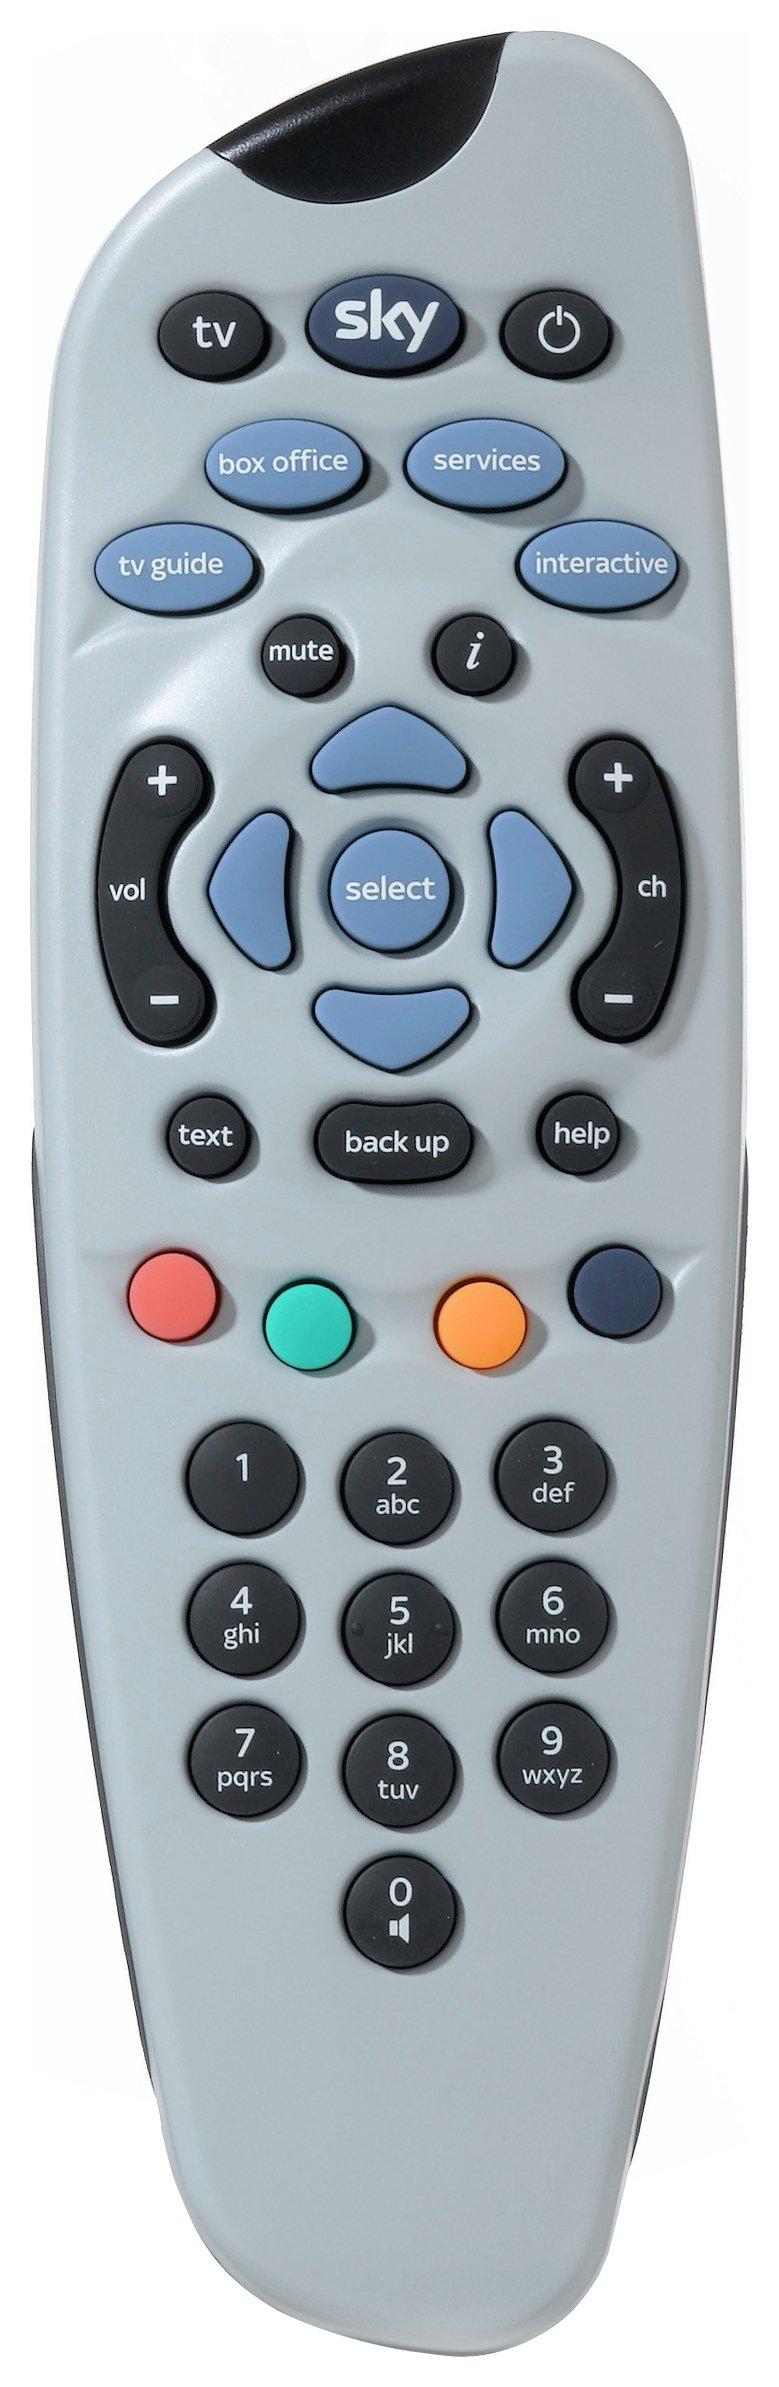 Sky Remote Control - White